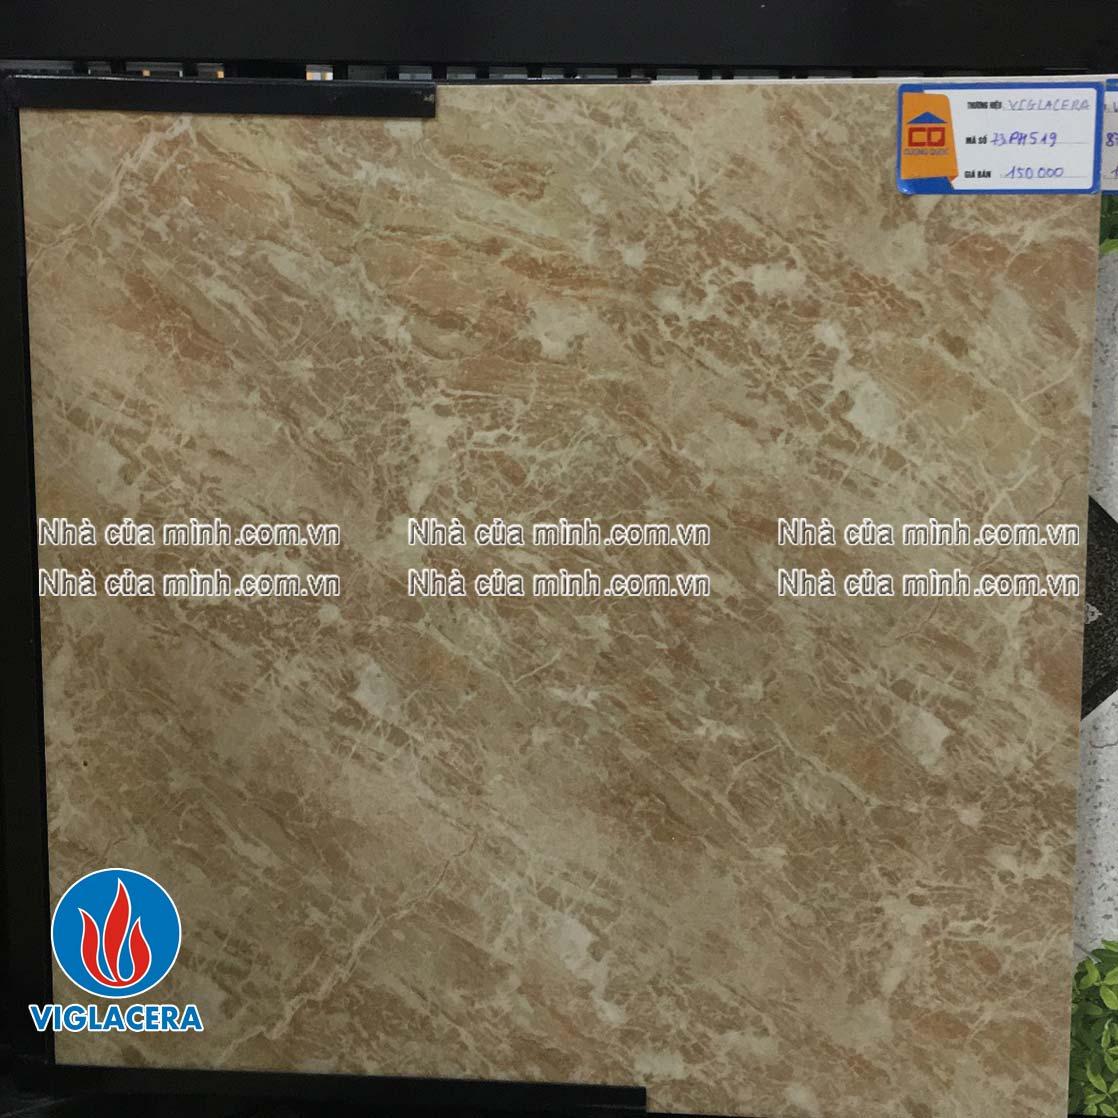 Gạch lát nền 500x500 Viglacera H519 giá rẻ